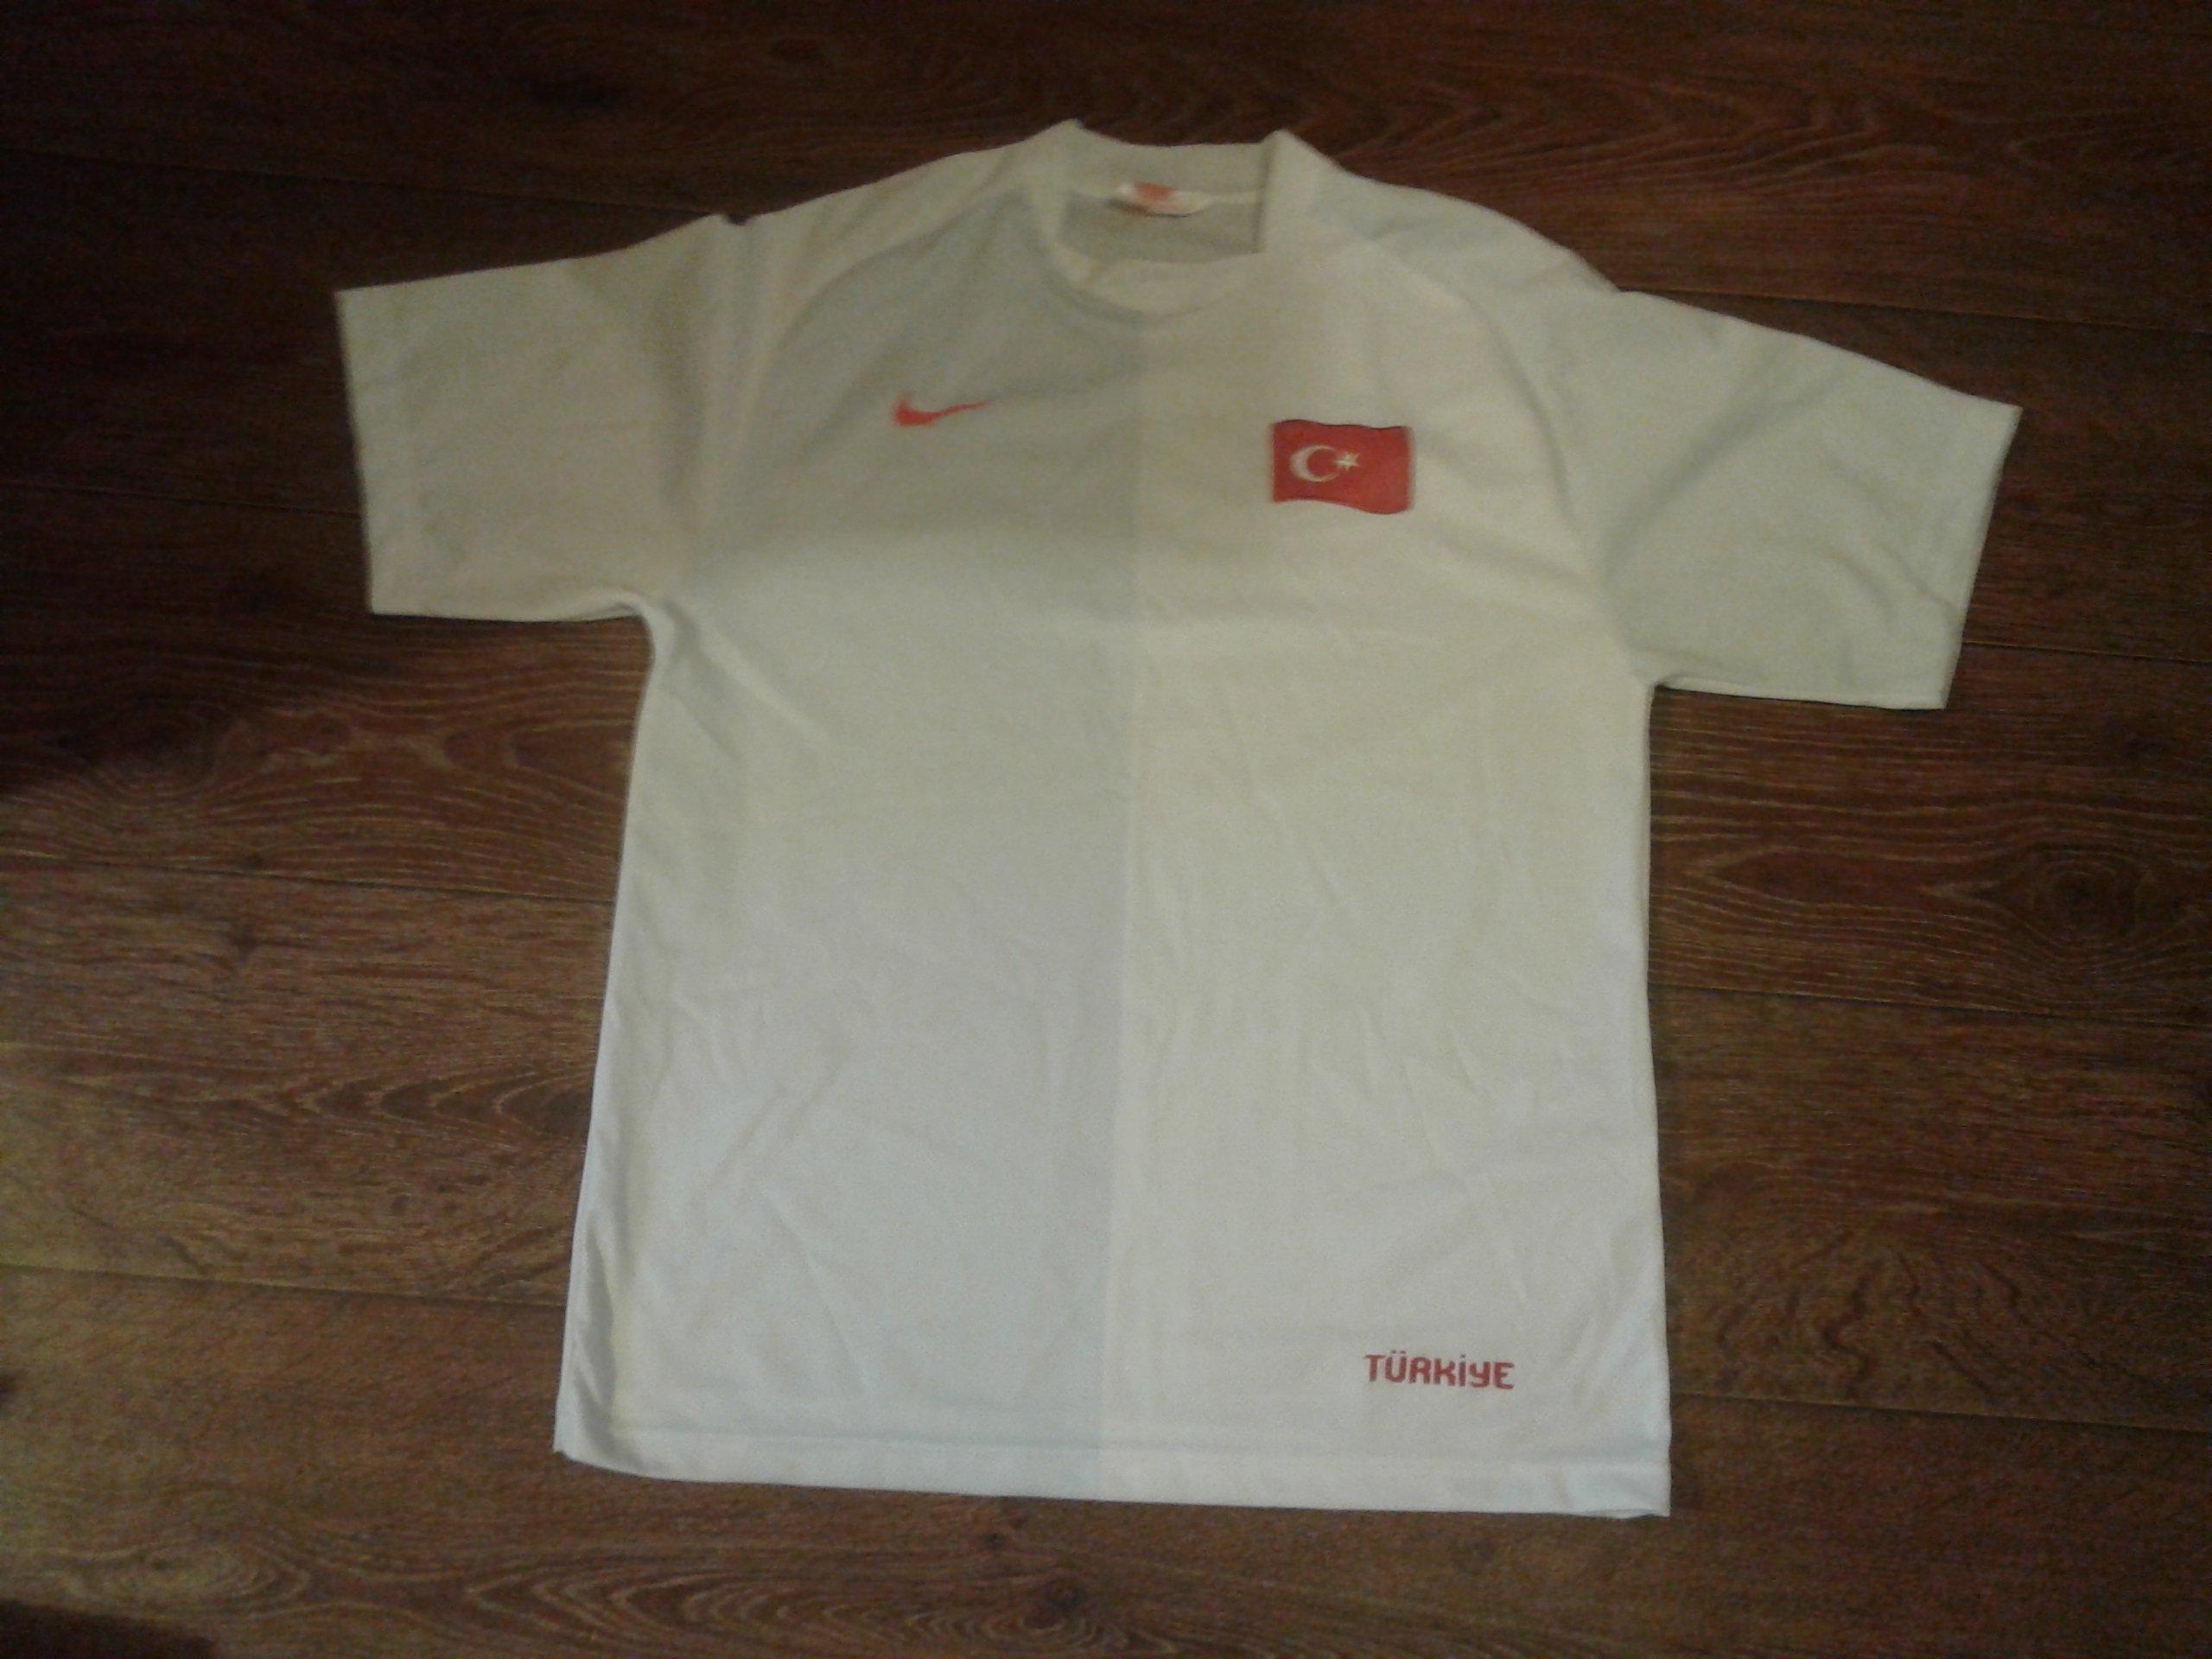 najlepsza wartość sklep internetowy odebrane Koszulka Turcja nike M ( adidas umbro puma kappa ...